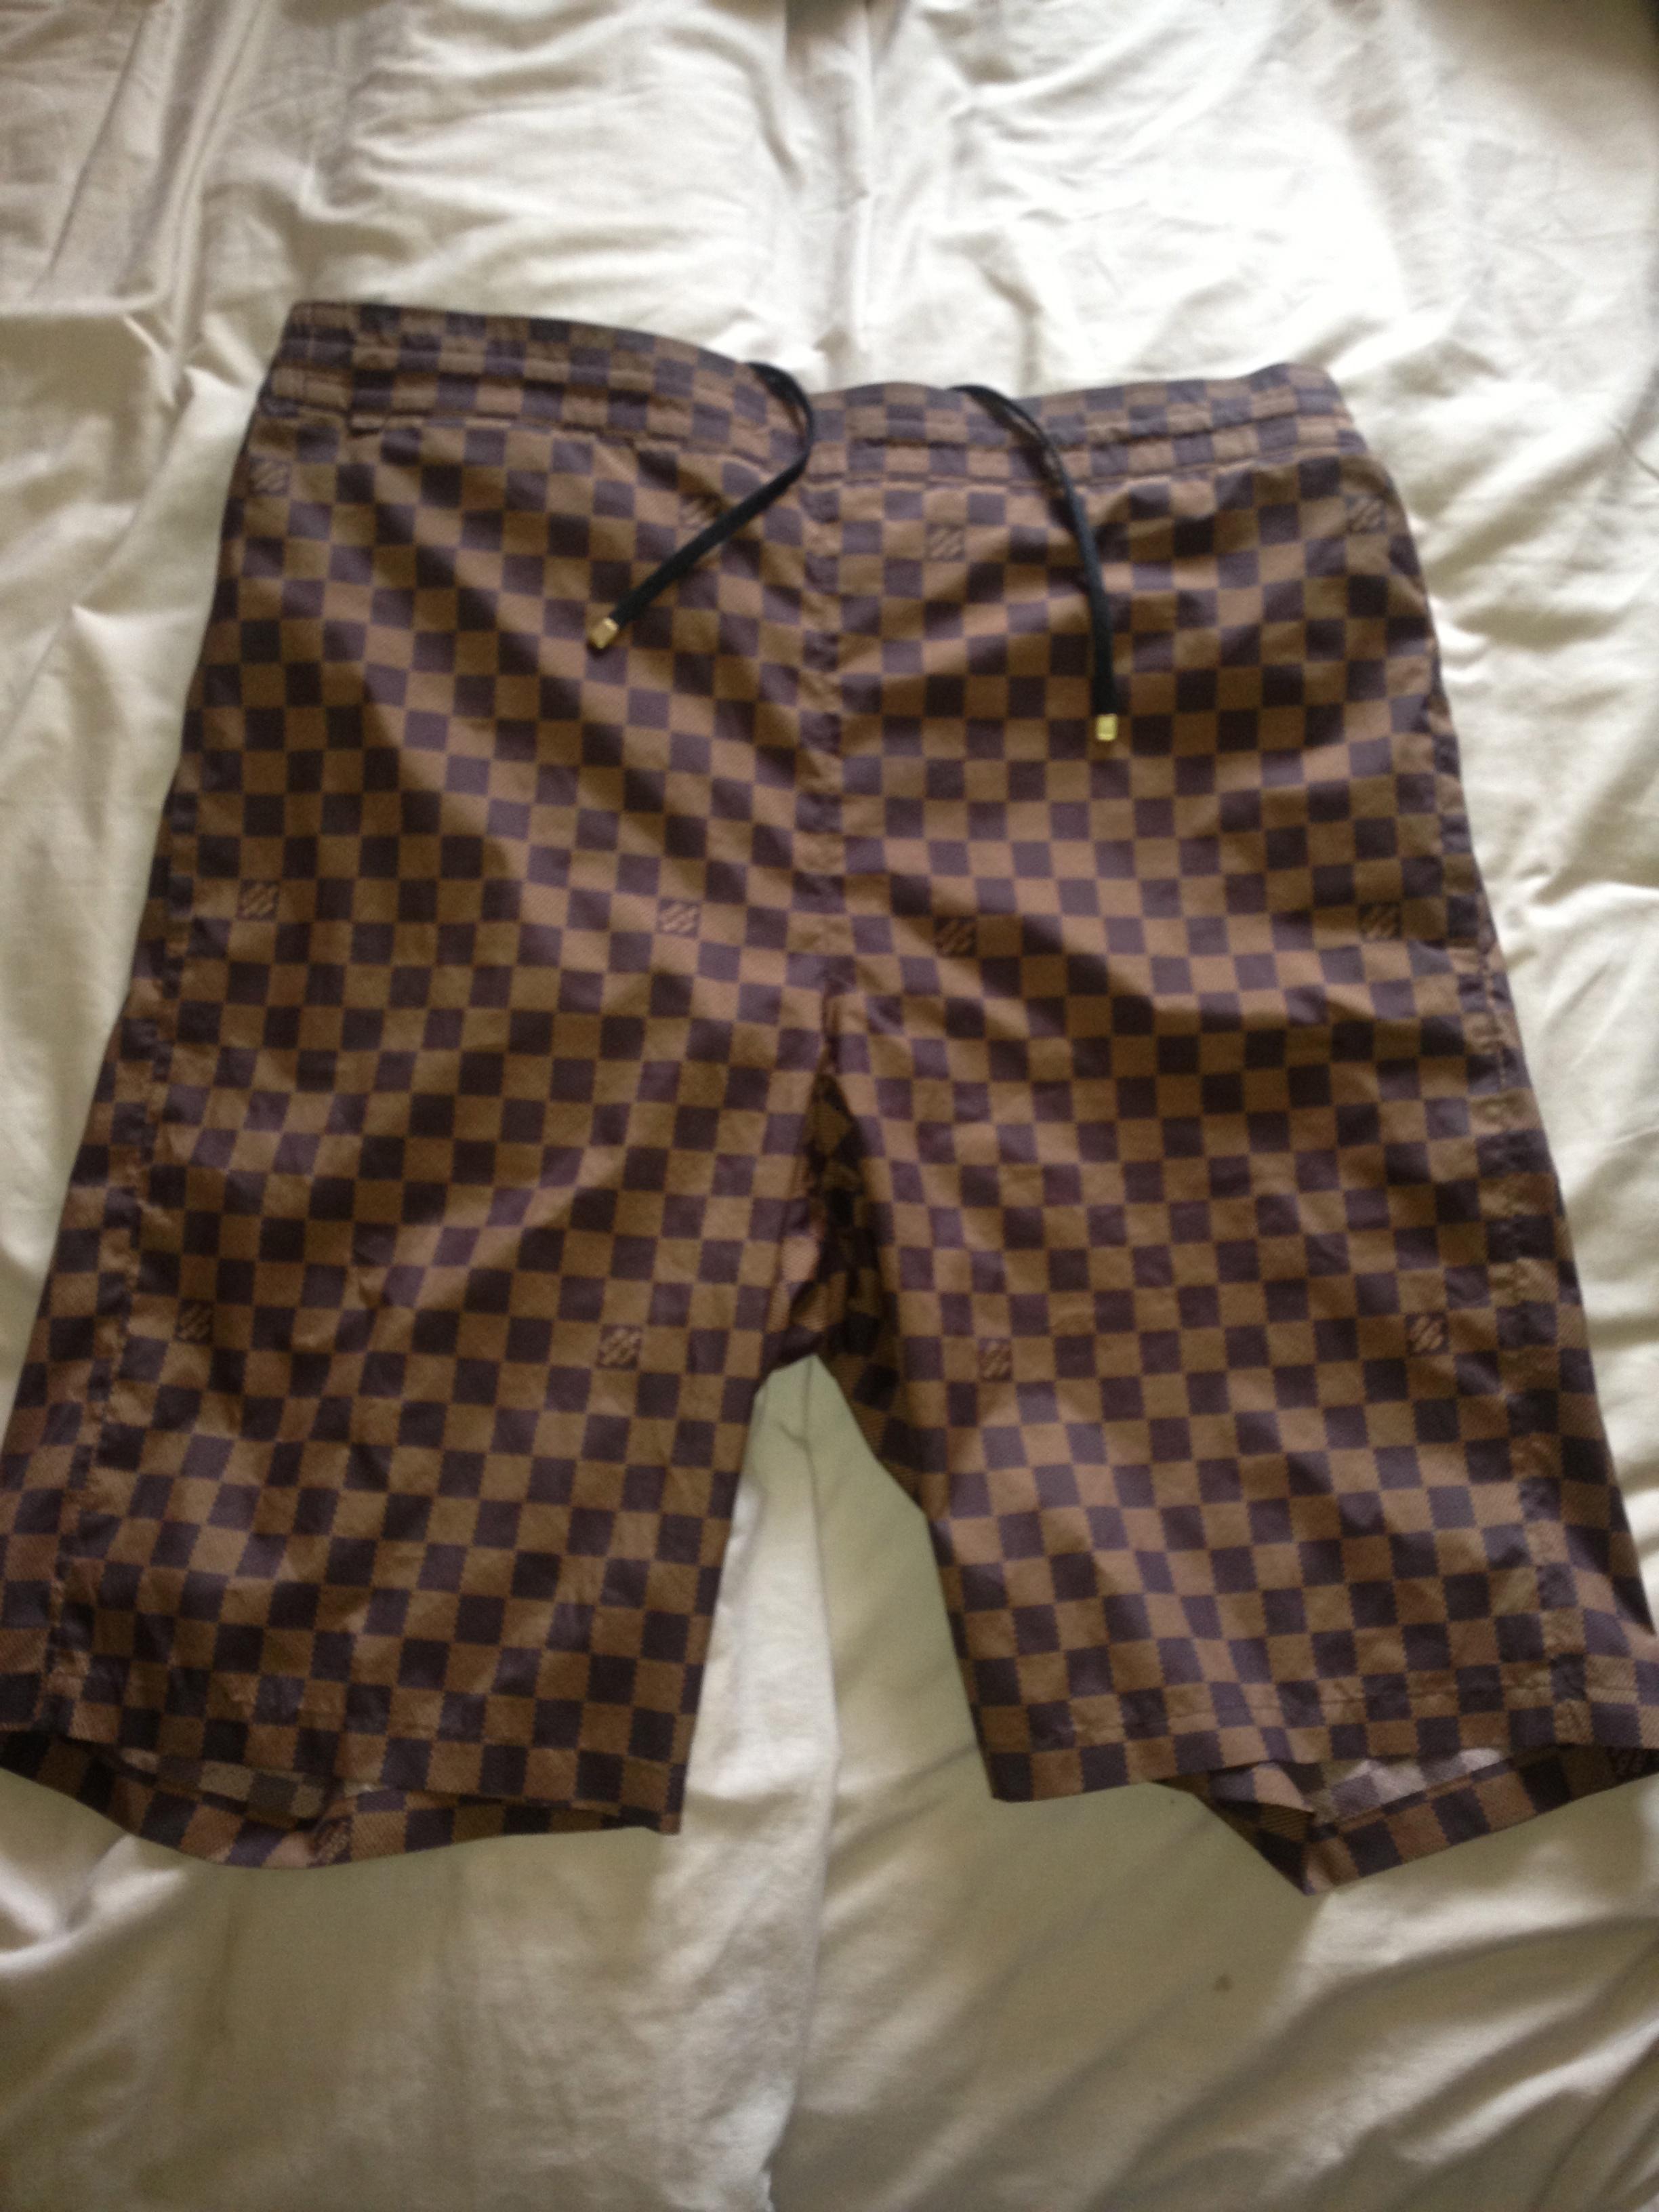 f7041c389e68 Louis Vuitton Damier Shorts